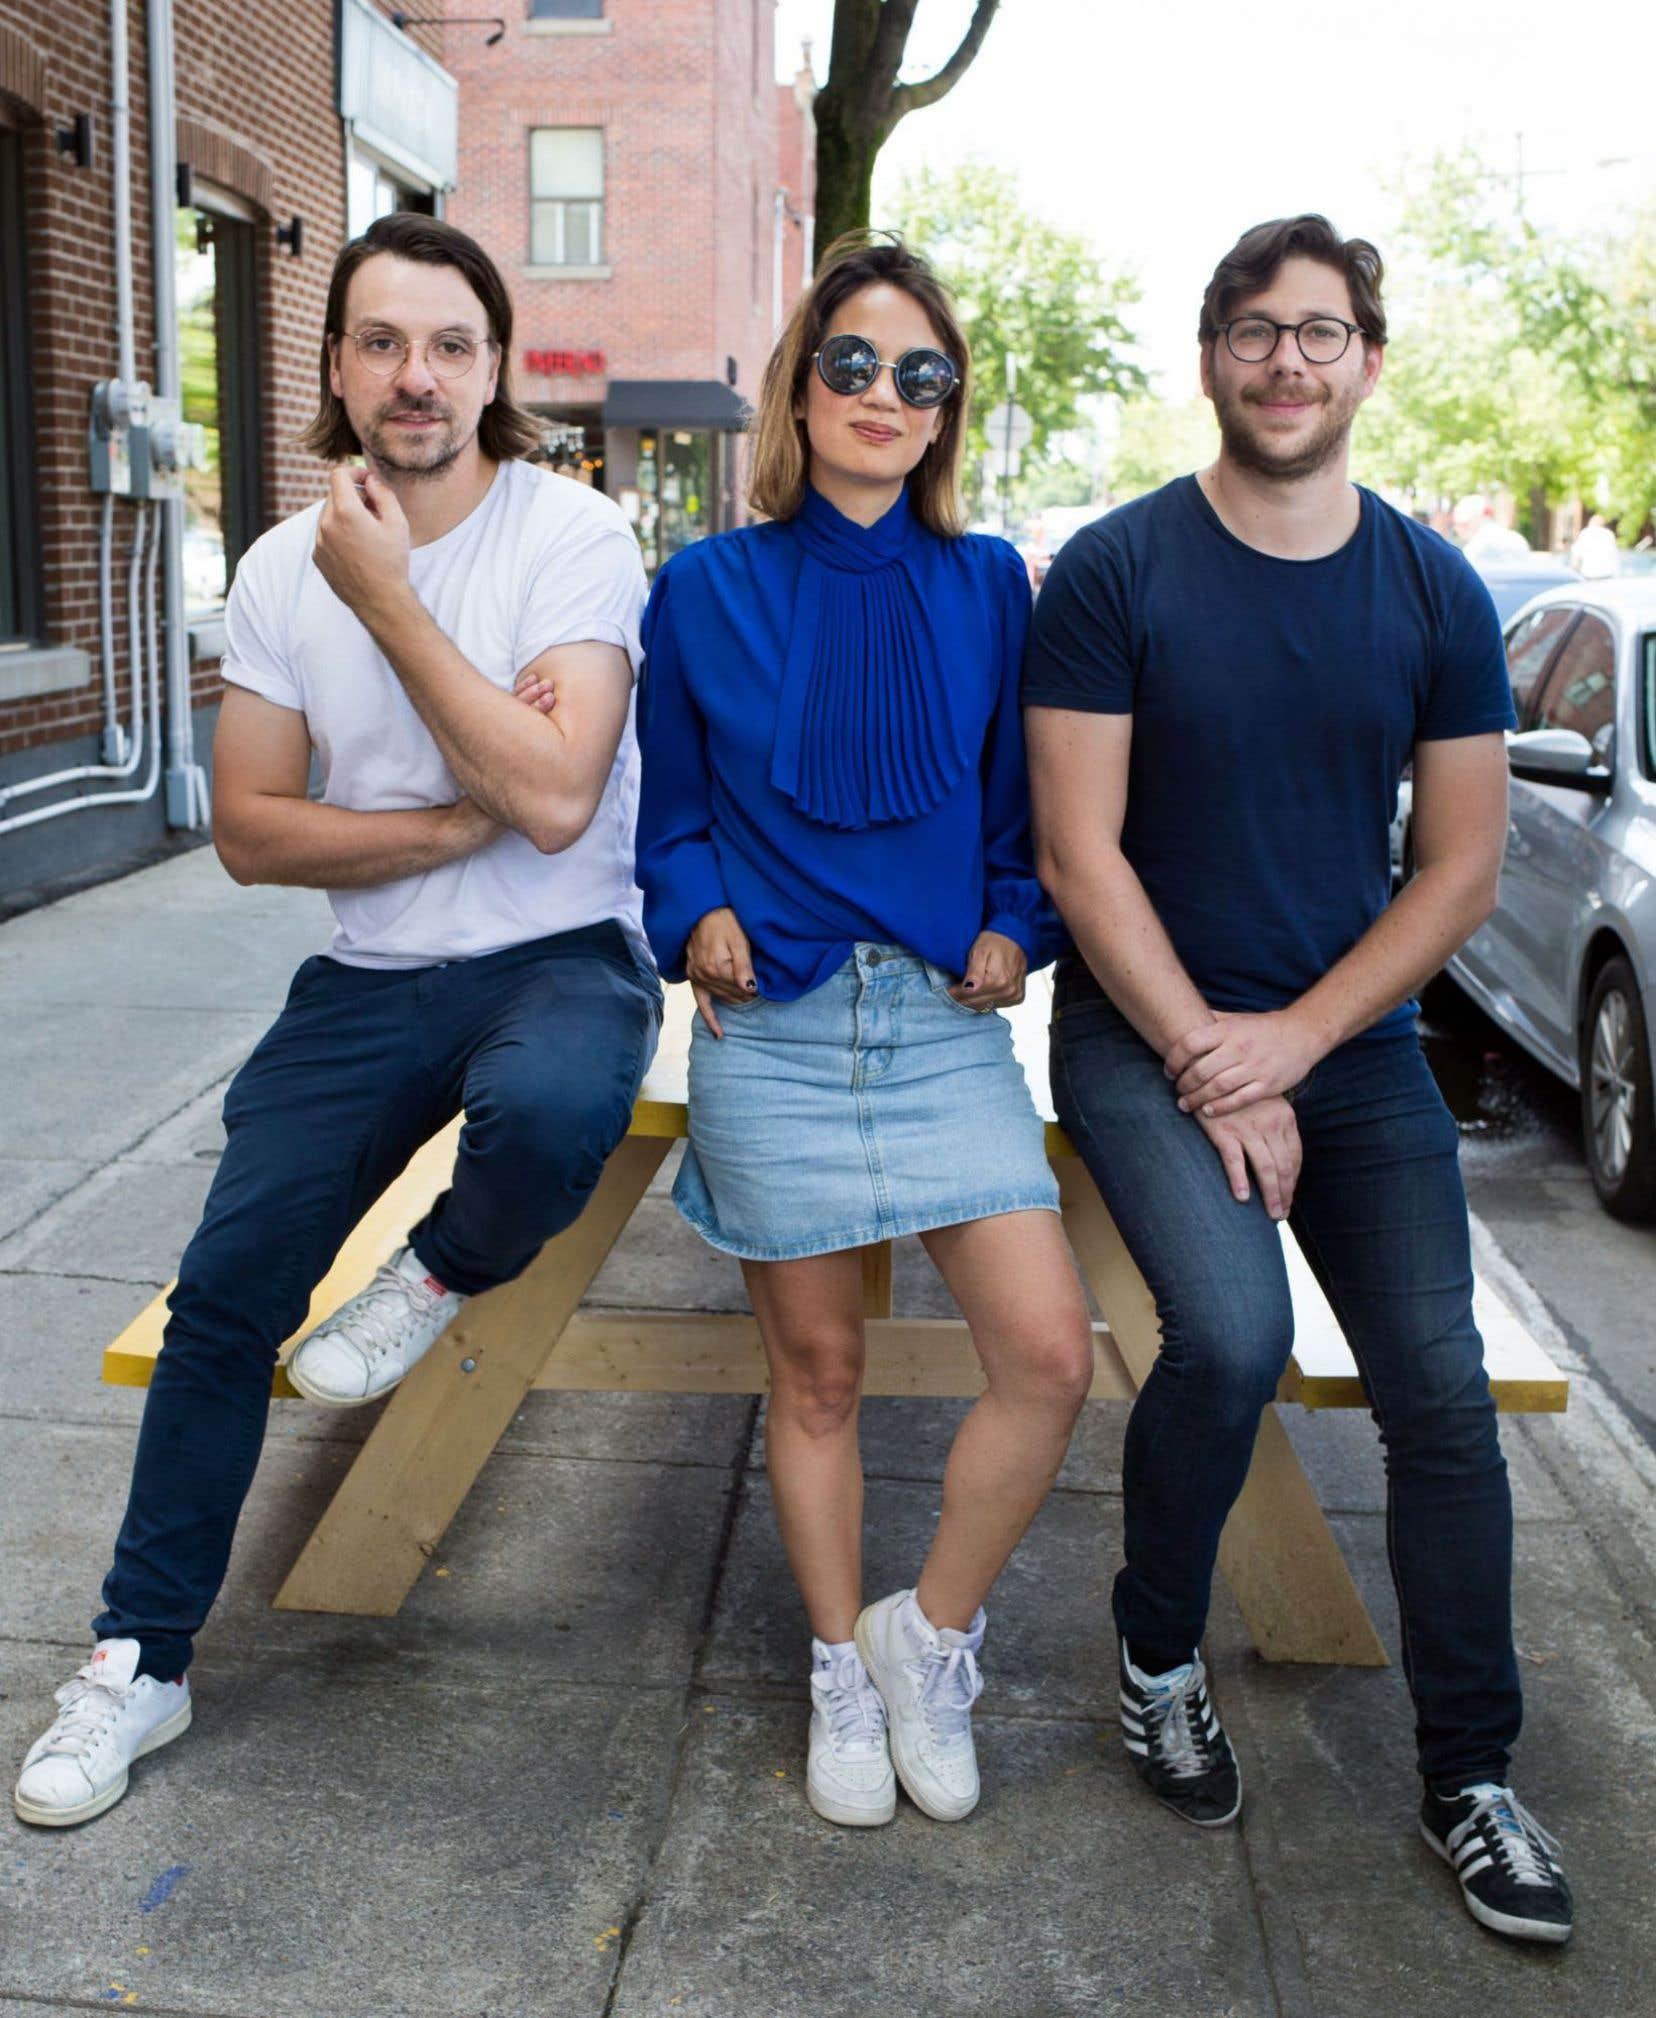 Le trio électro-pop francophone Le Couleur est formé de Steeven Chouinard, Laurence Giroux-Do et Patrick Gosselin.